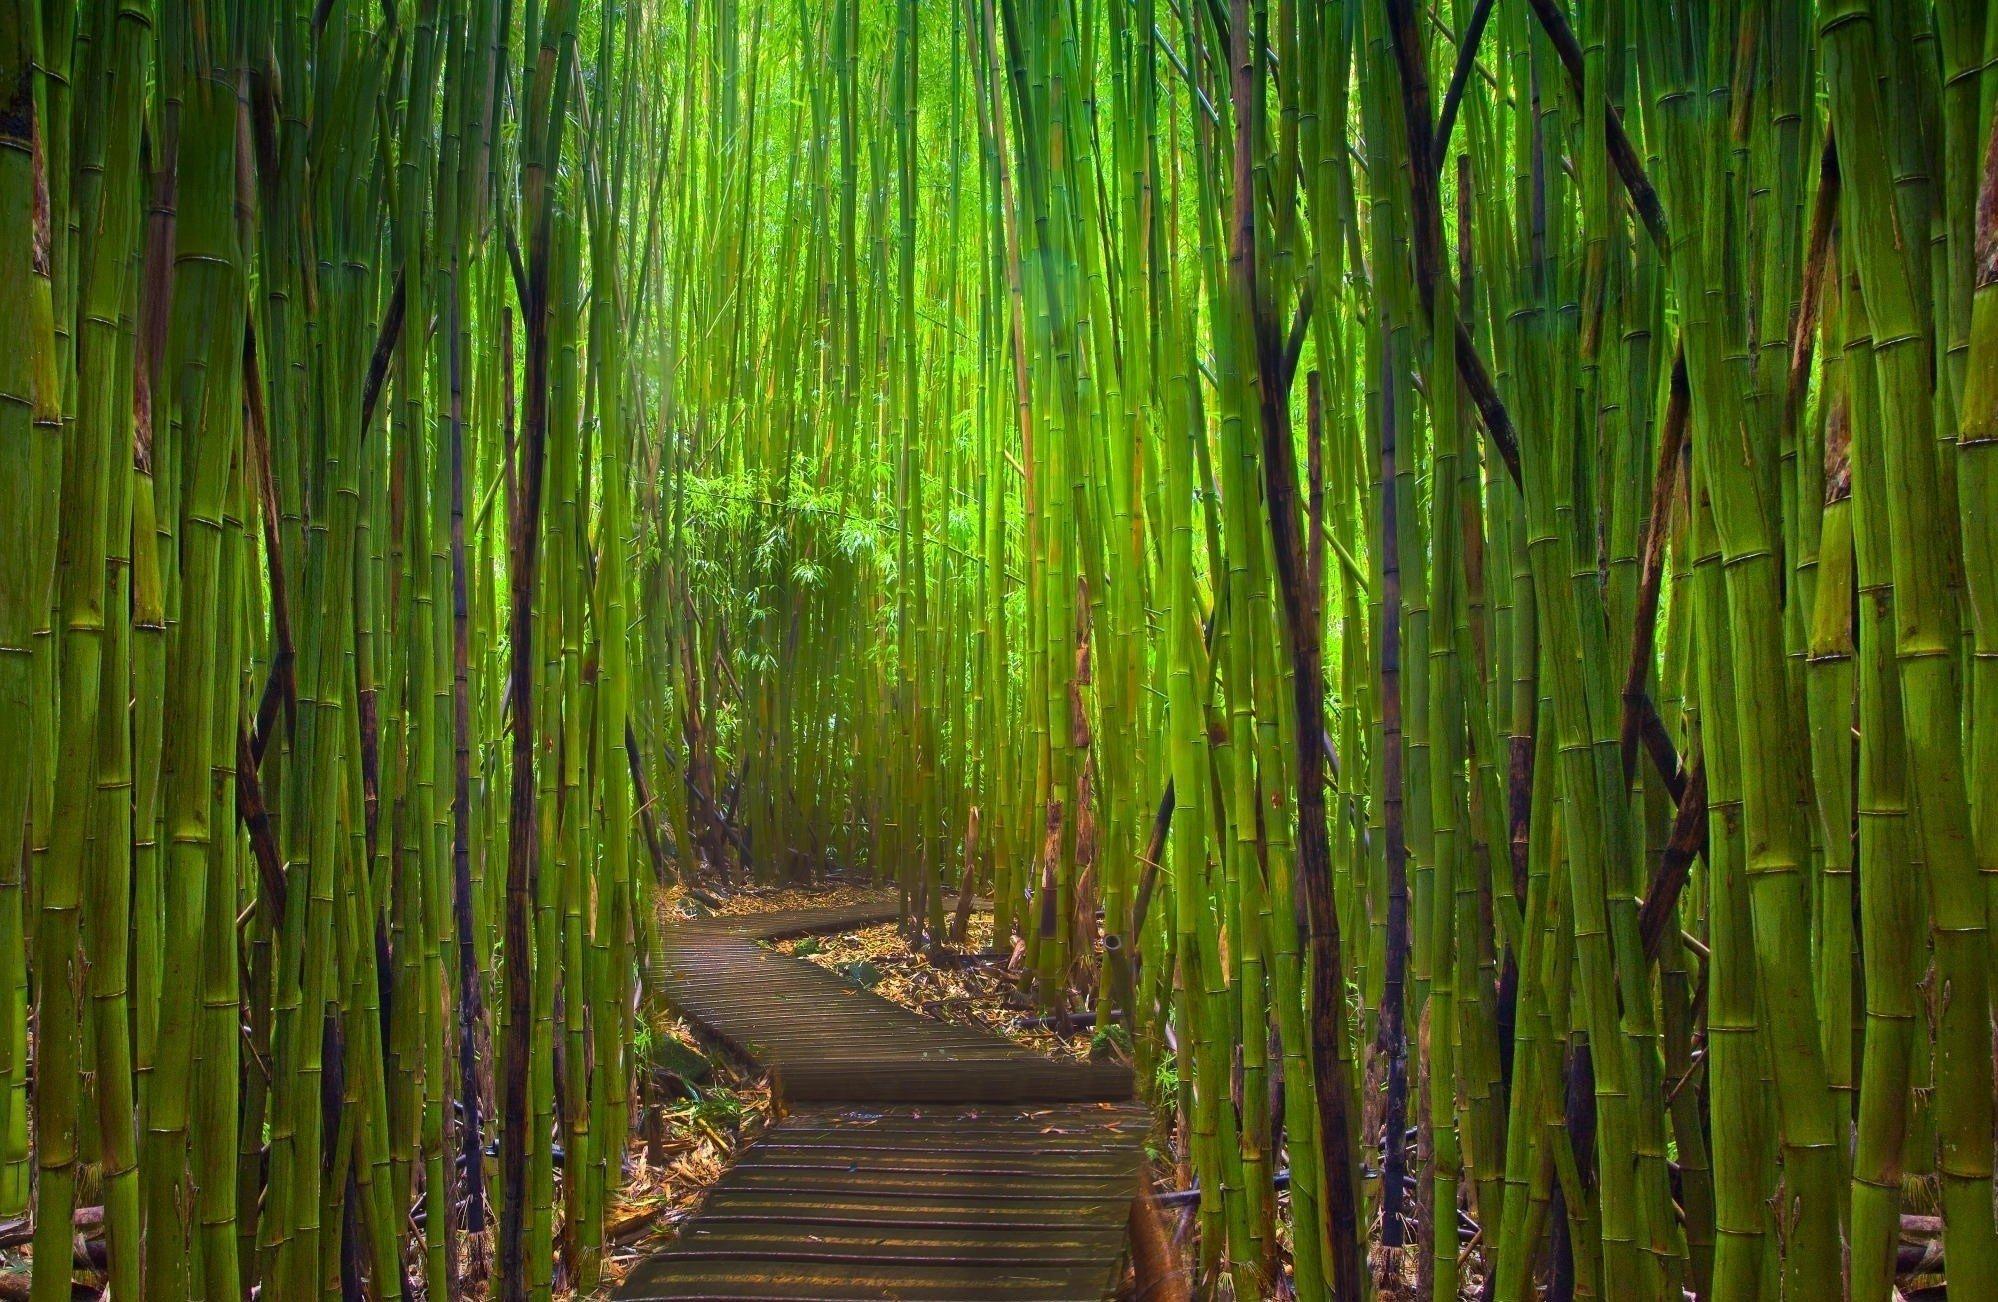 Hintergrundbilder 1998x1302 Px Bambus Japanischer Garten